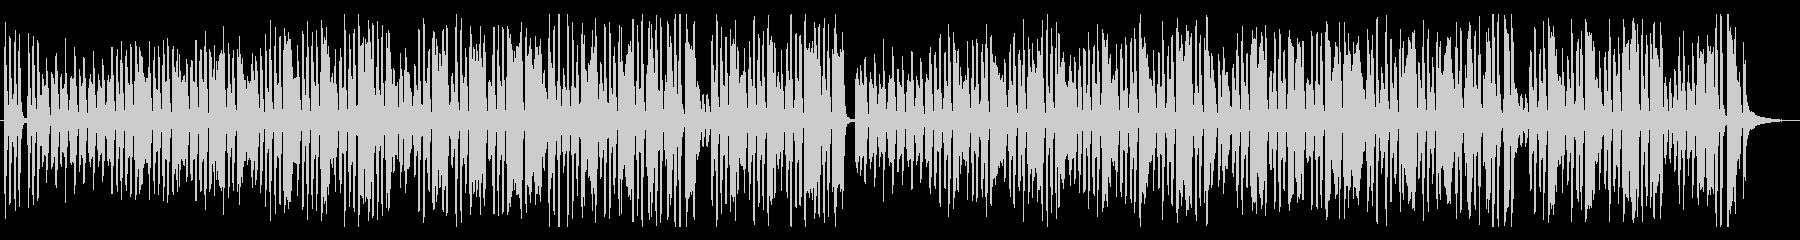 愉快で可愛らしい音楽の未再生の波形